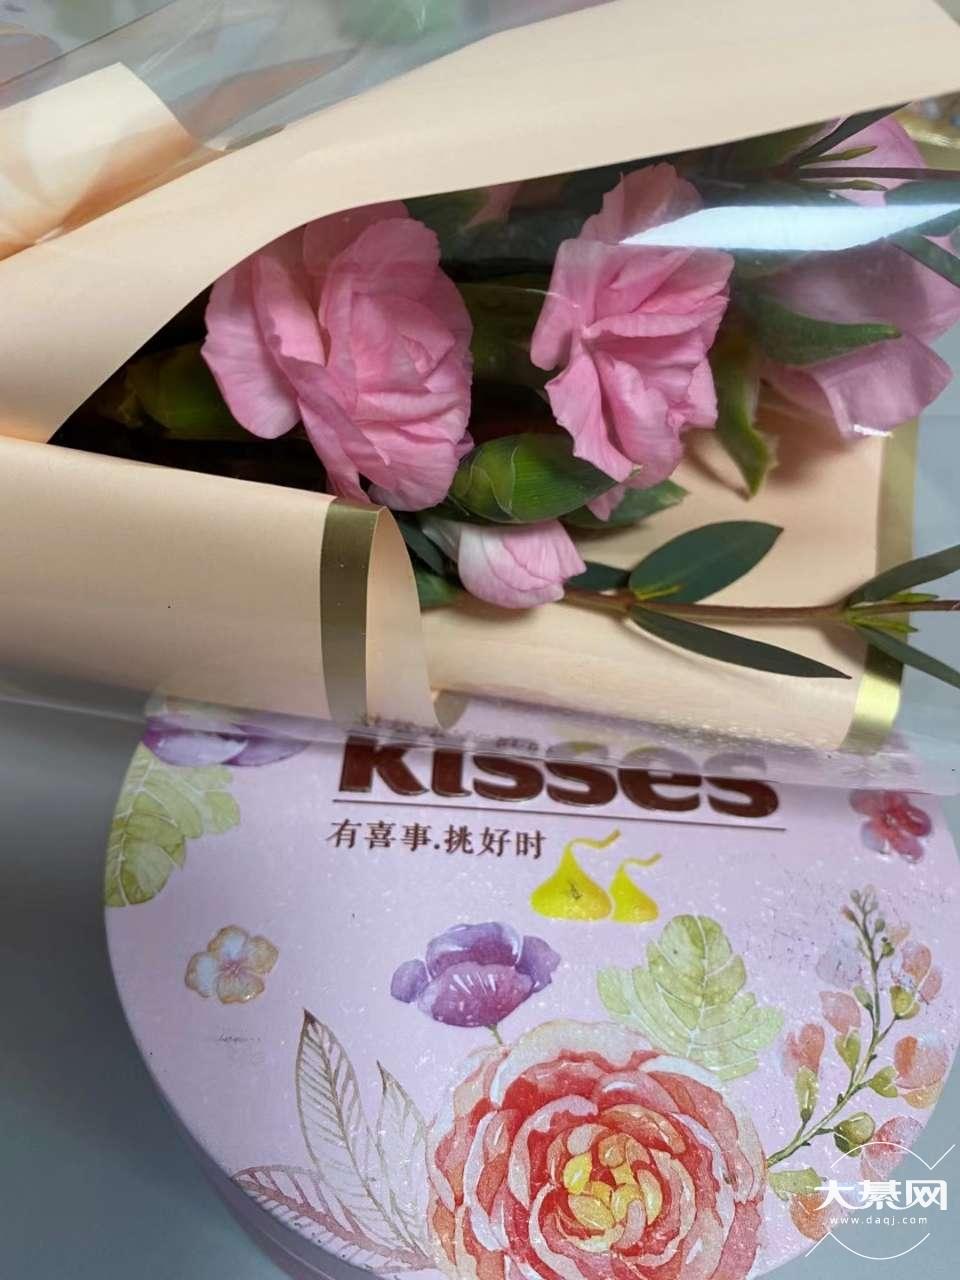 公司今日份礼物:鲜花和巧克力 #女神节快乐#